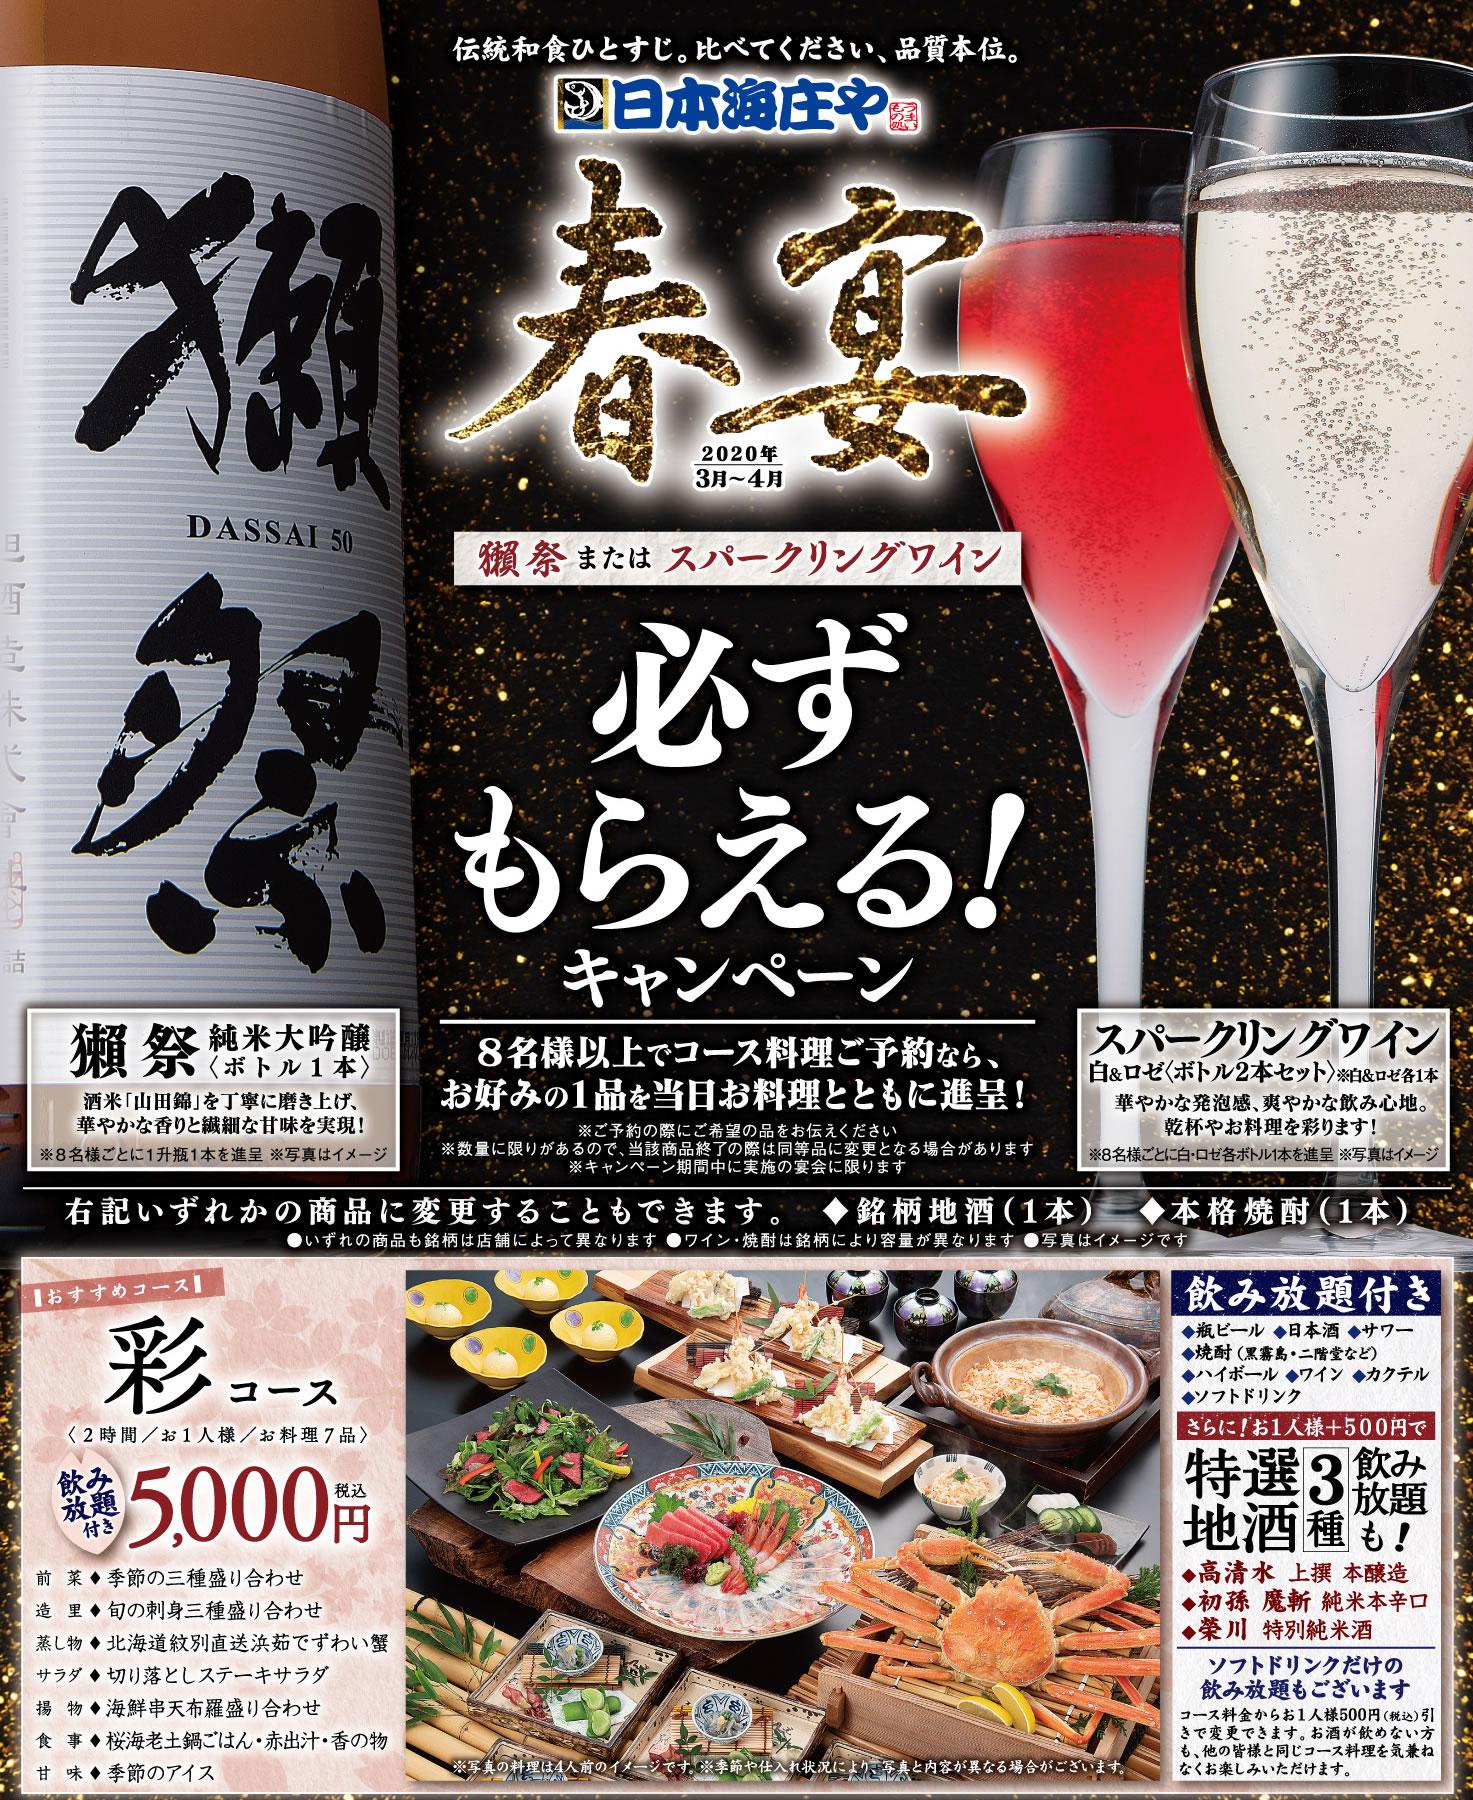 【日本海庄や】3月1日より「春宴会コース」登場!